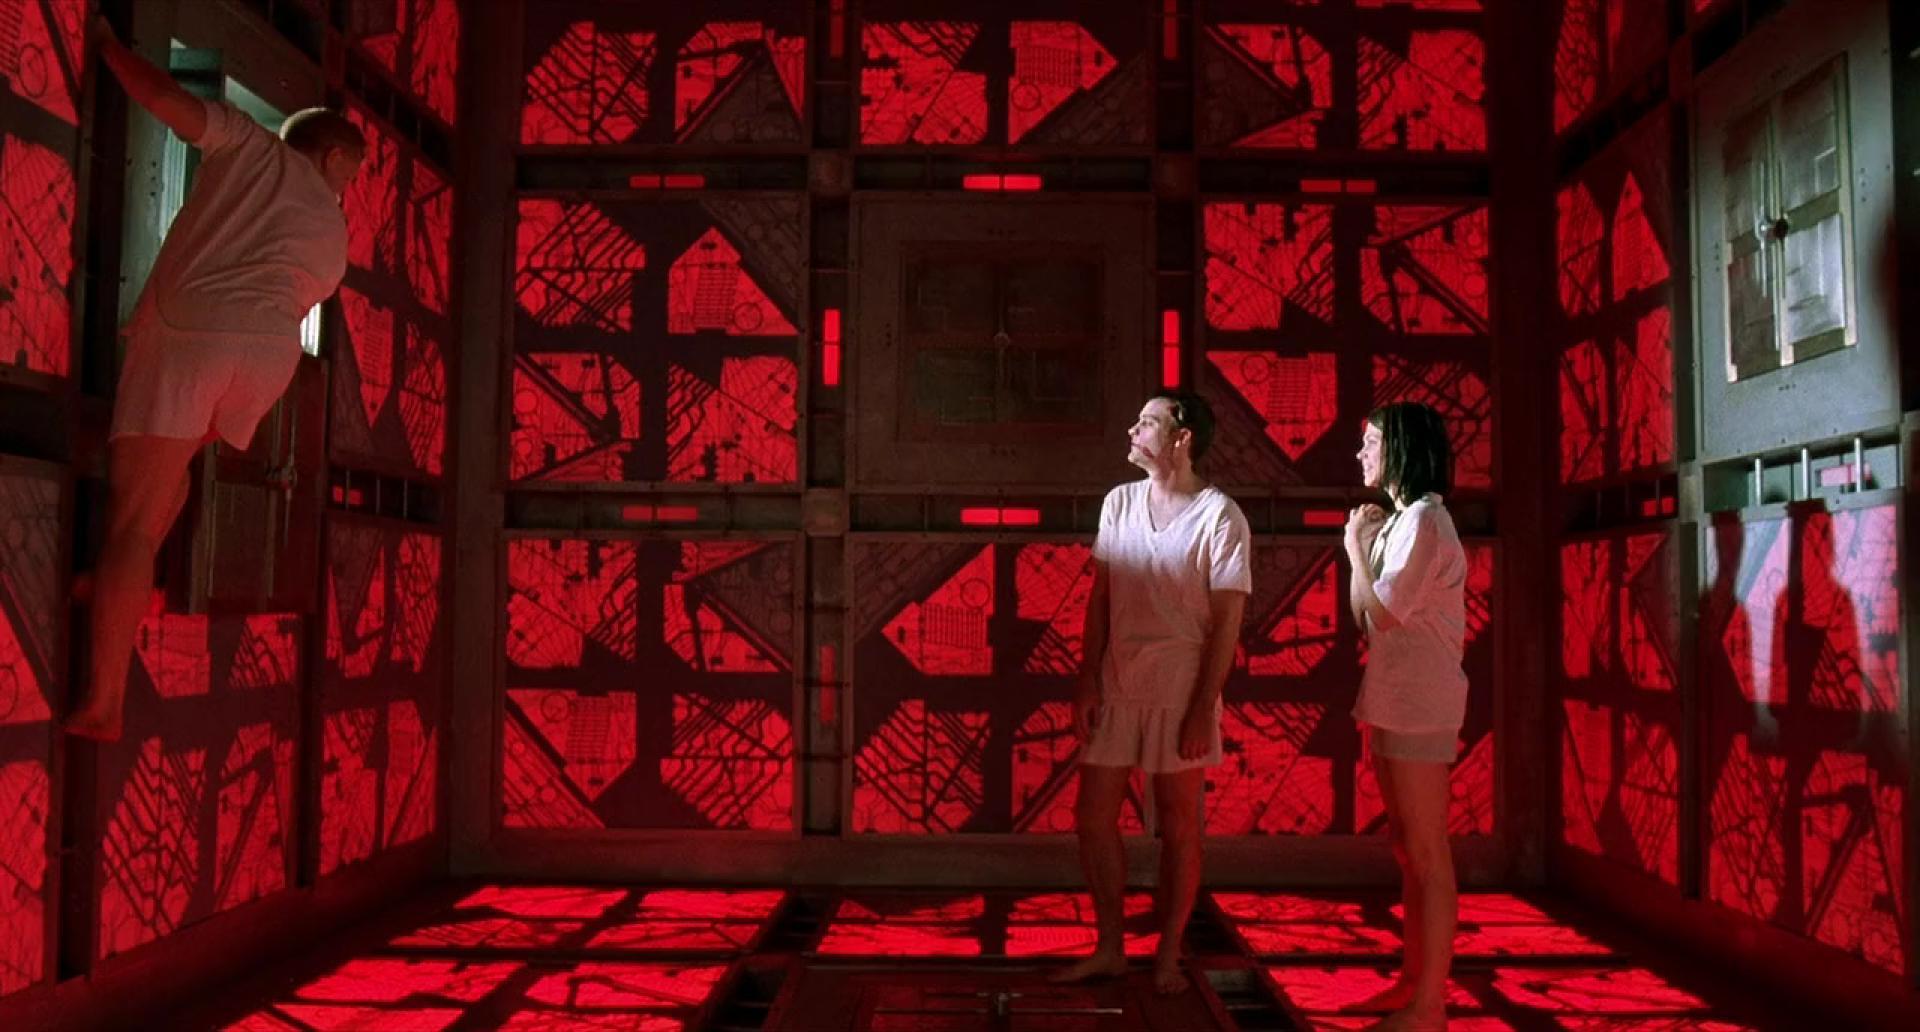 Cube - Kocka (1997)